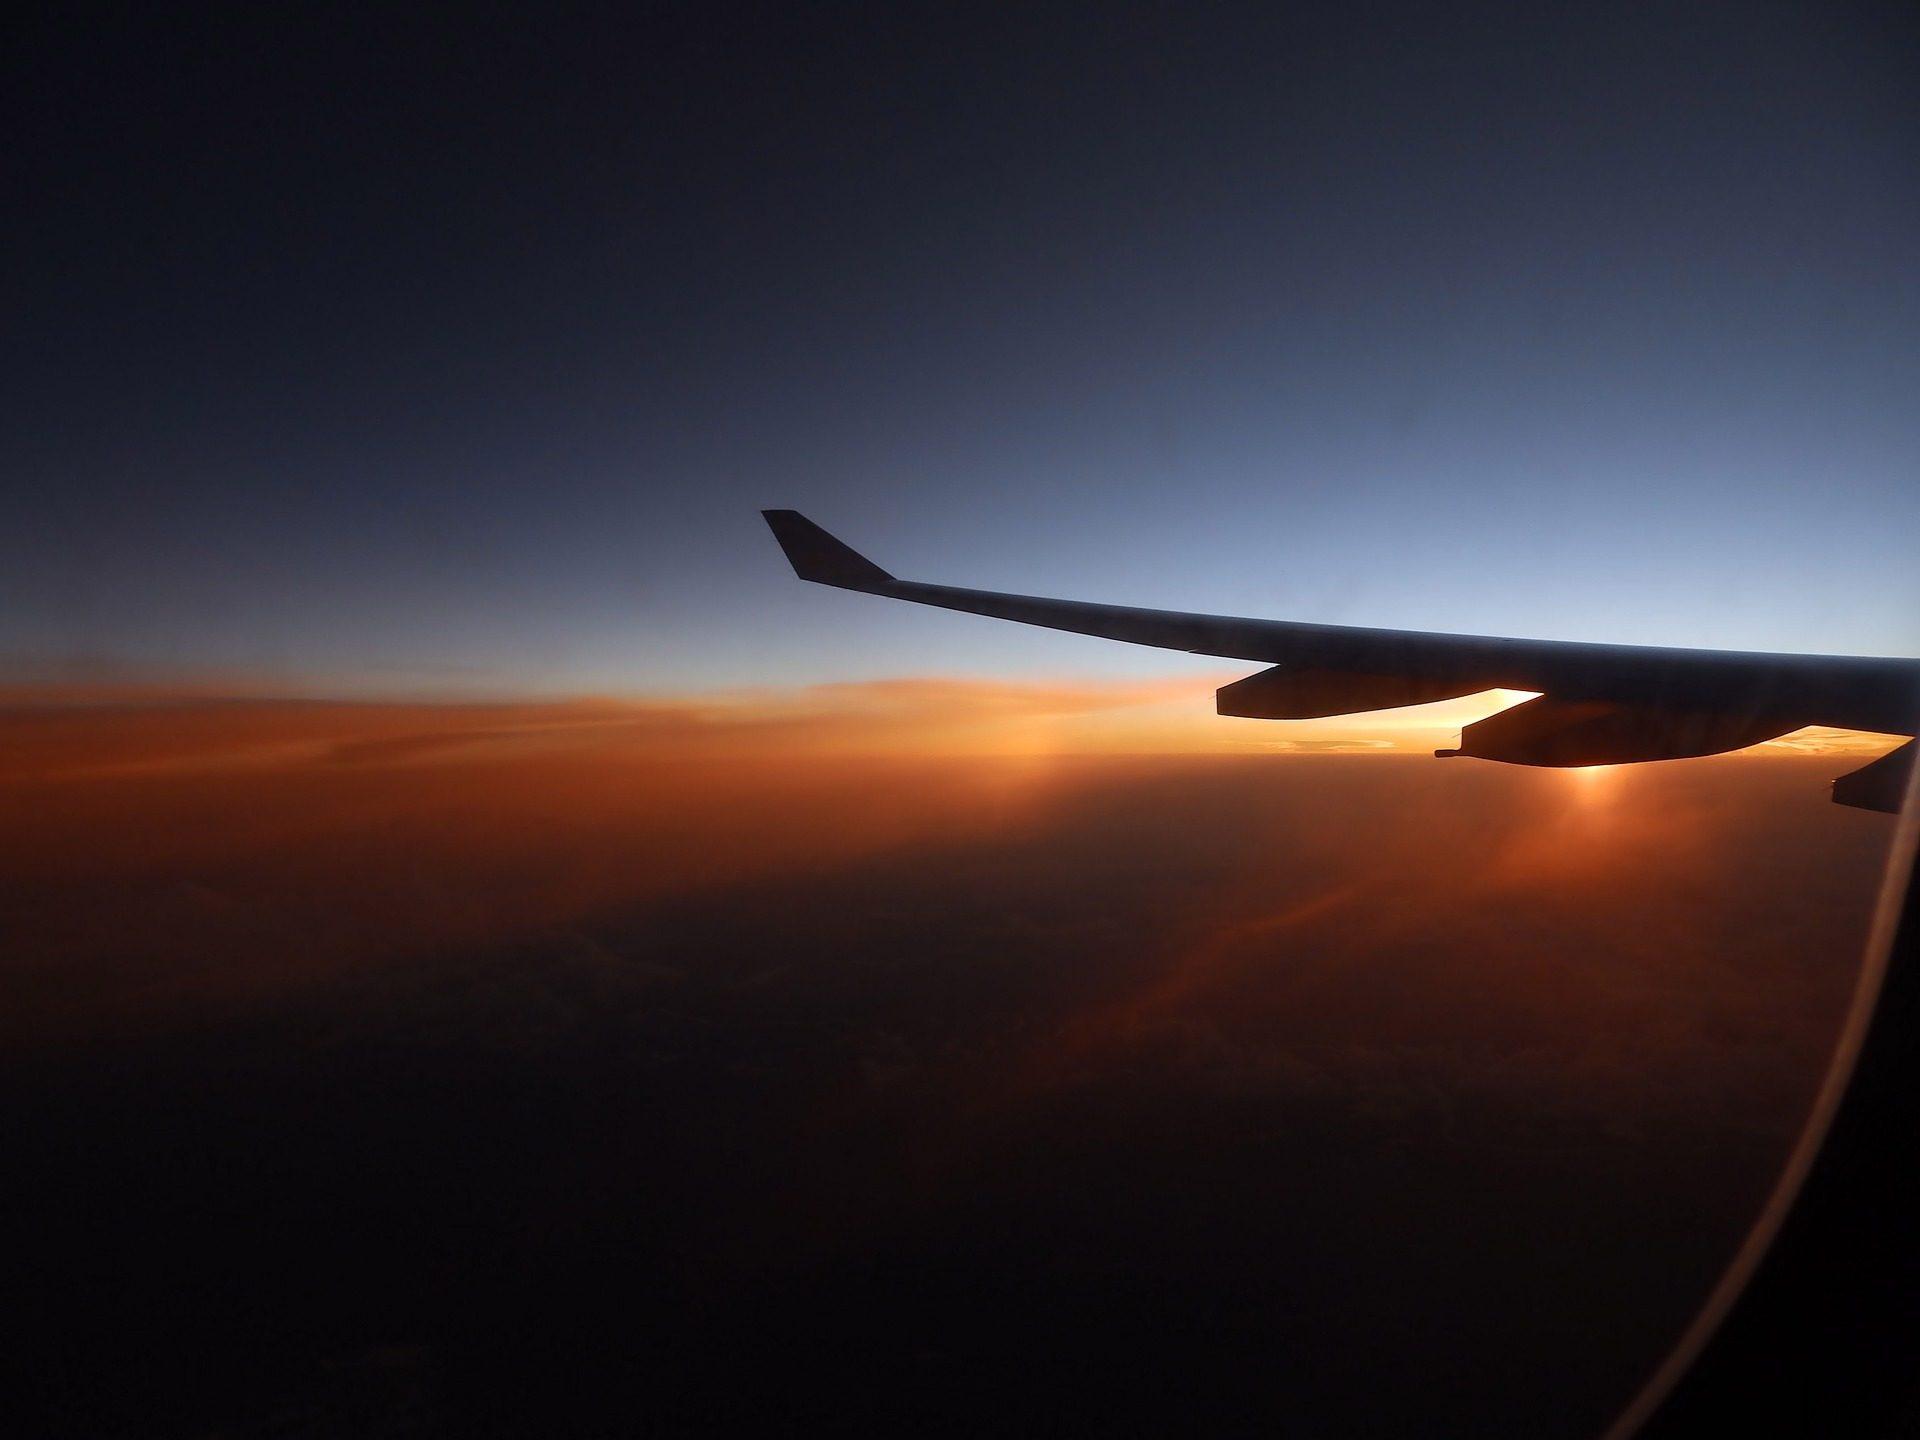 航空機, 翼, 飛ぶ, サンセット, 太陽, 雲 - HD の壁紙 - 教授-falken.com